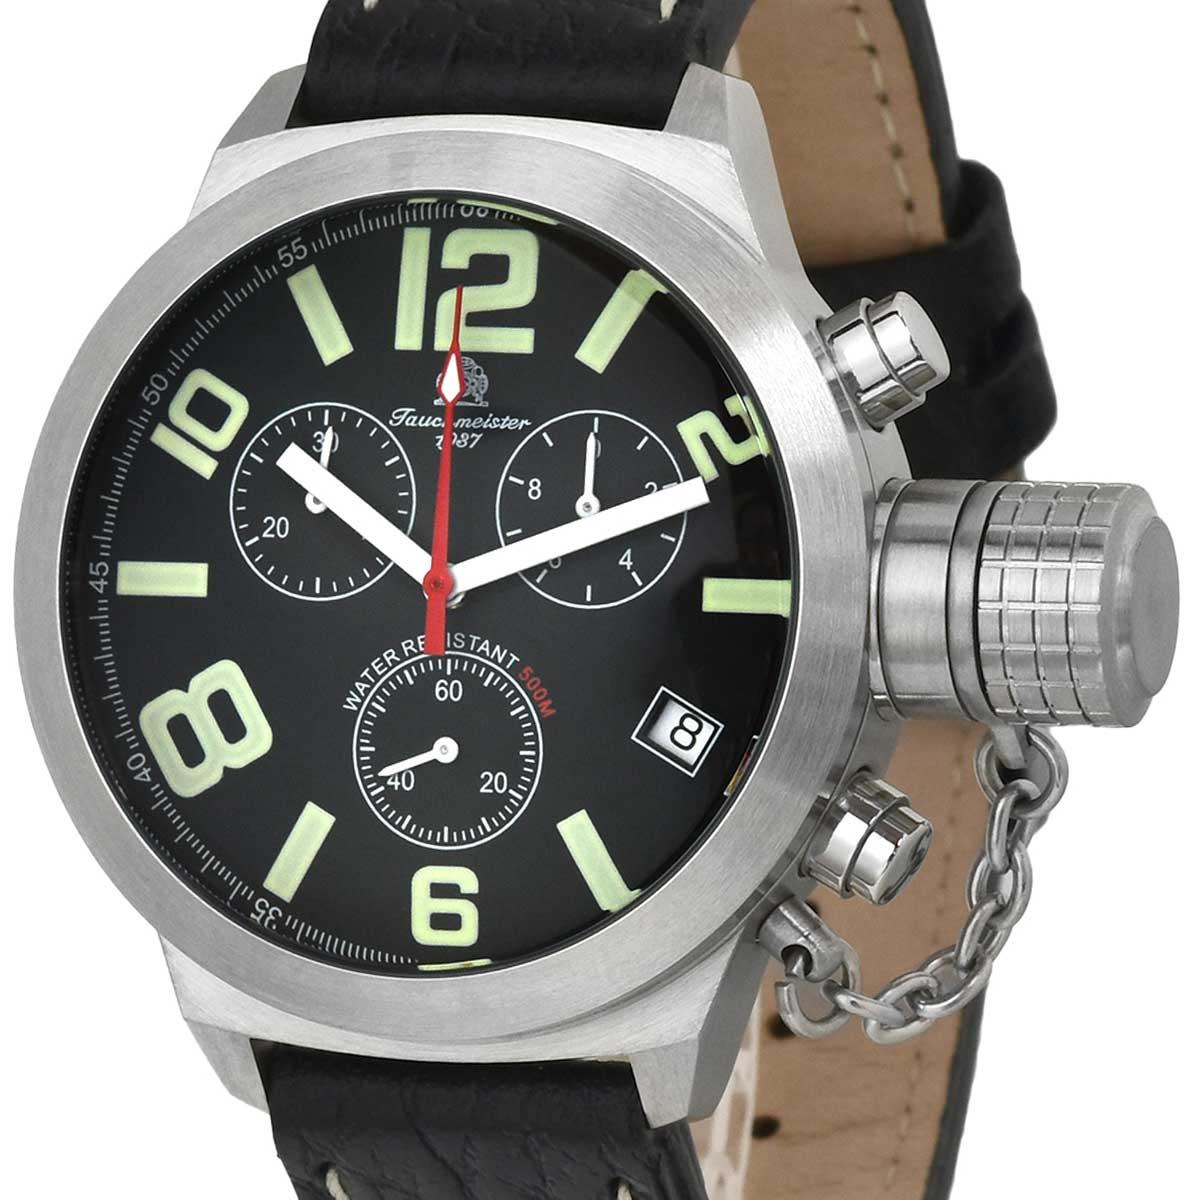 Tauchmeister 1937 トーチマイスター 1937 クォーツ 腕時計 メンズ ダイバーズウォッチ [T0074] 正規代理店品 メーカー保証24ヶ月